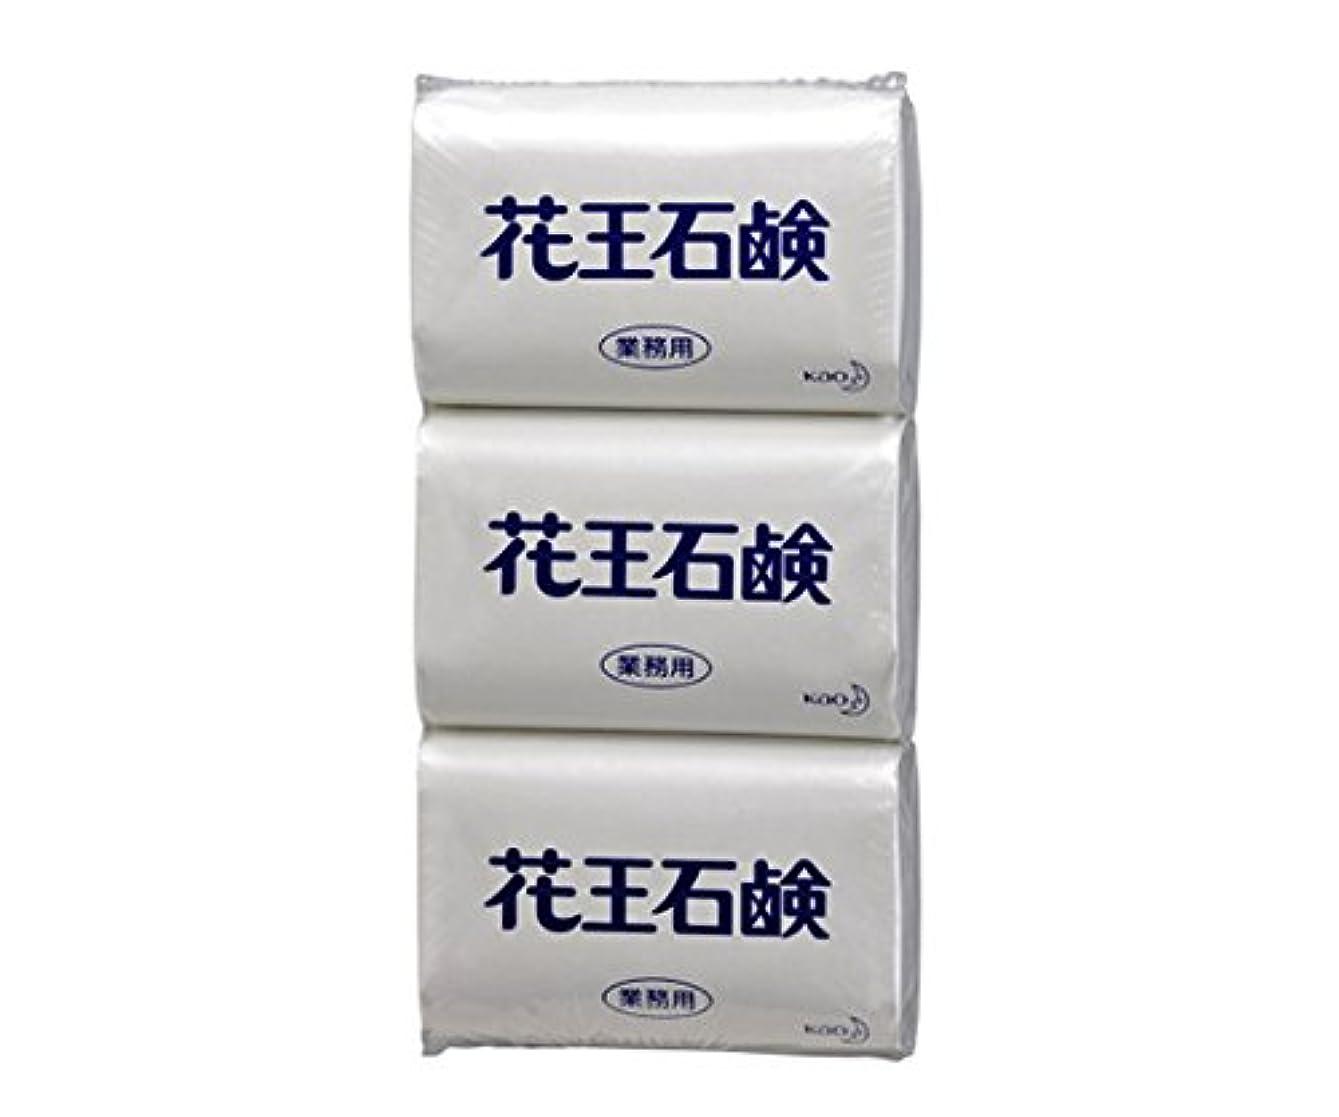 お別れぎこちない禁止する花王1-2756-11石鹸85G